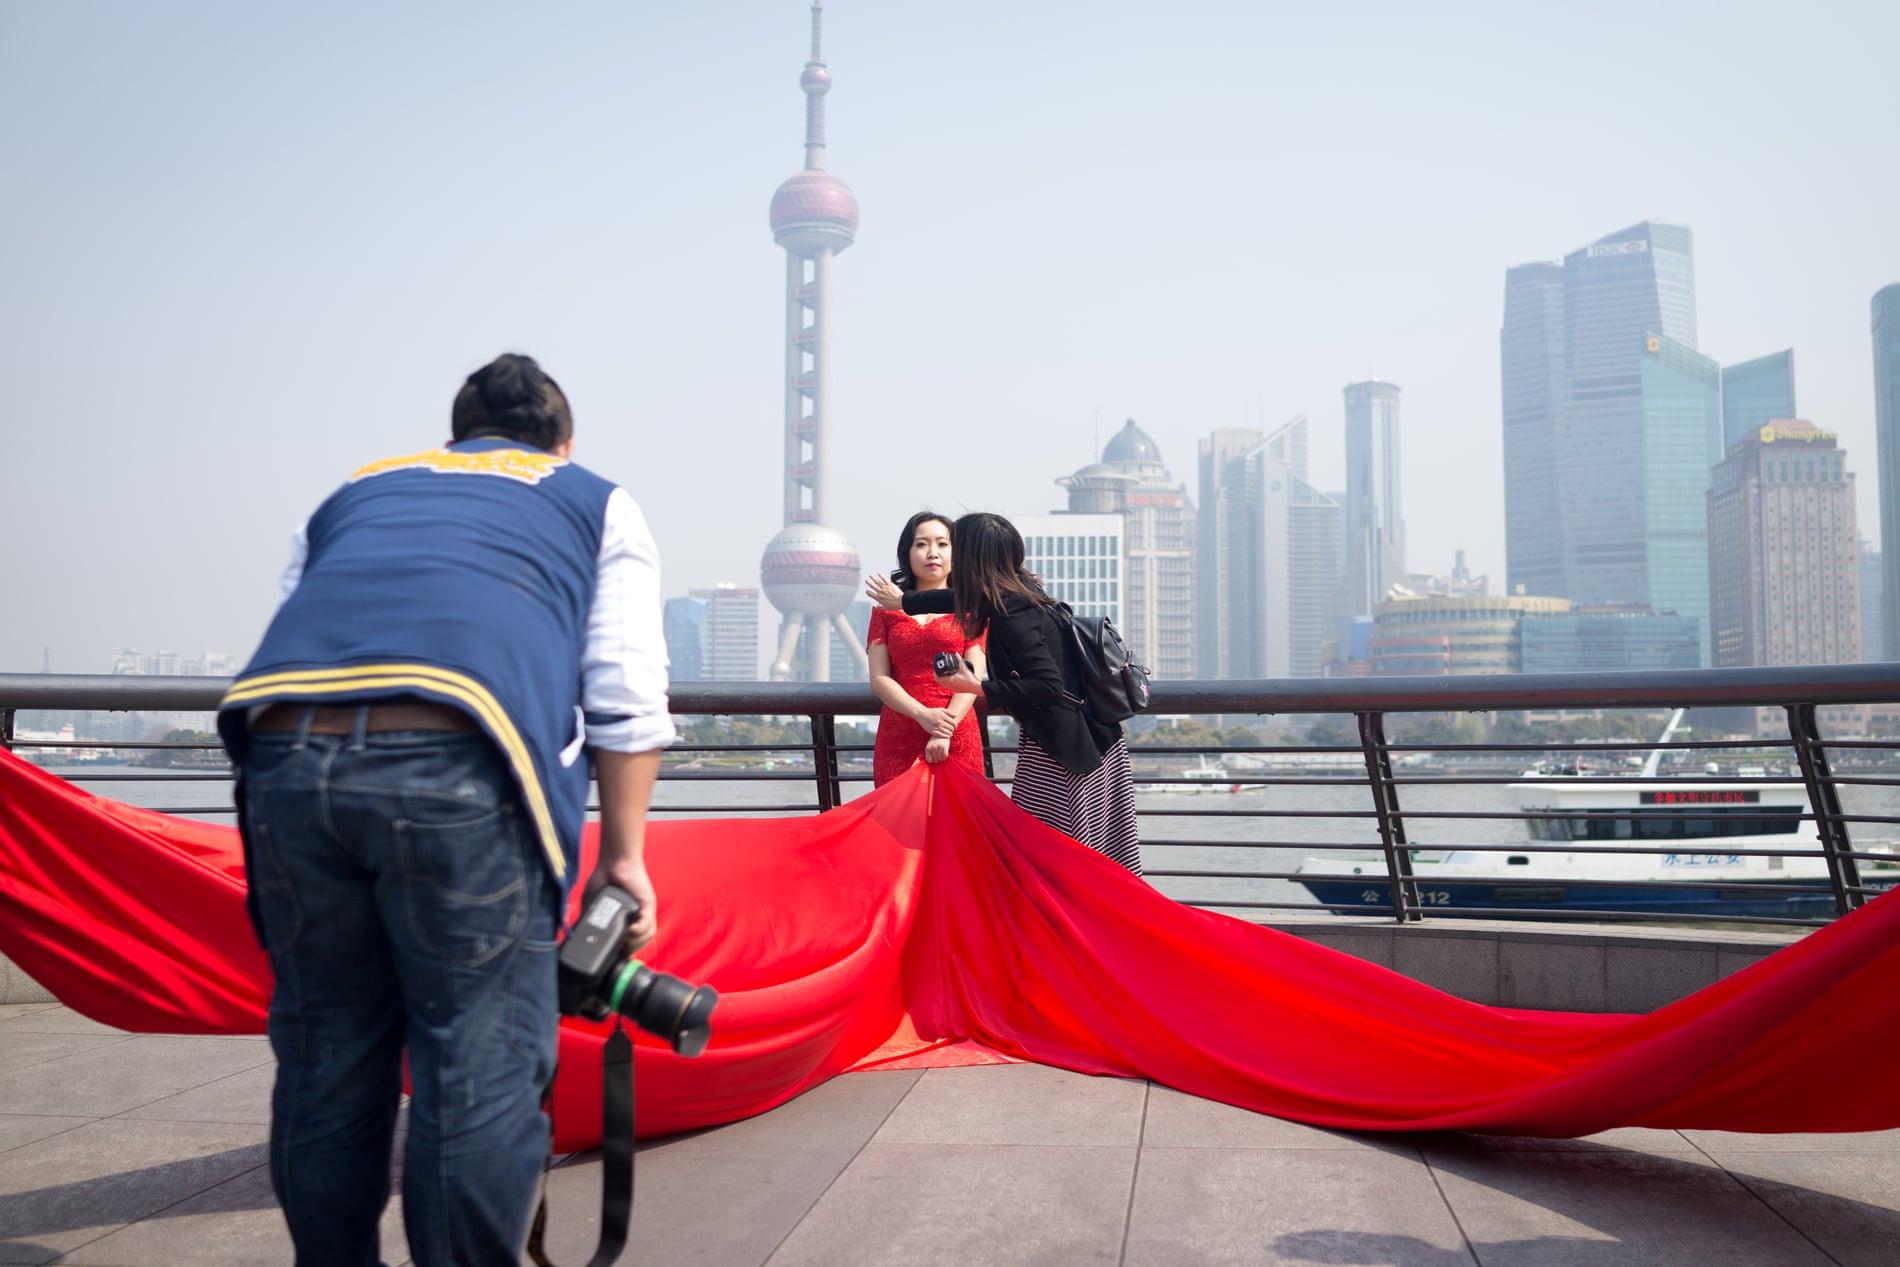 Mốt chụp ảnh cưới xa hoa và giấc mơ của các cặp đôi Trung Quốc Ảnh 1